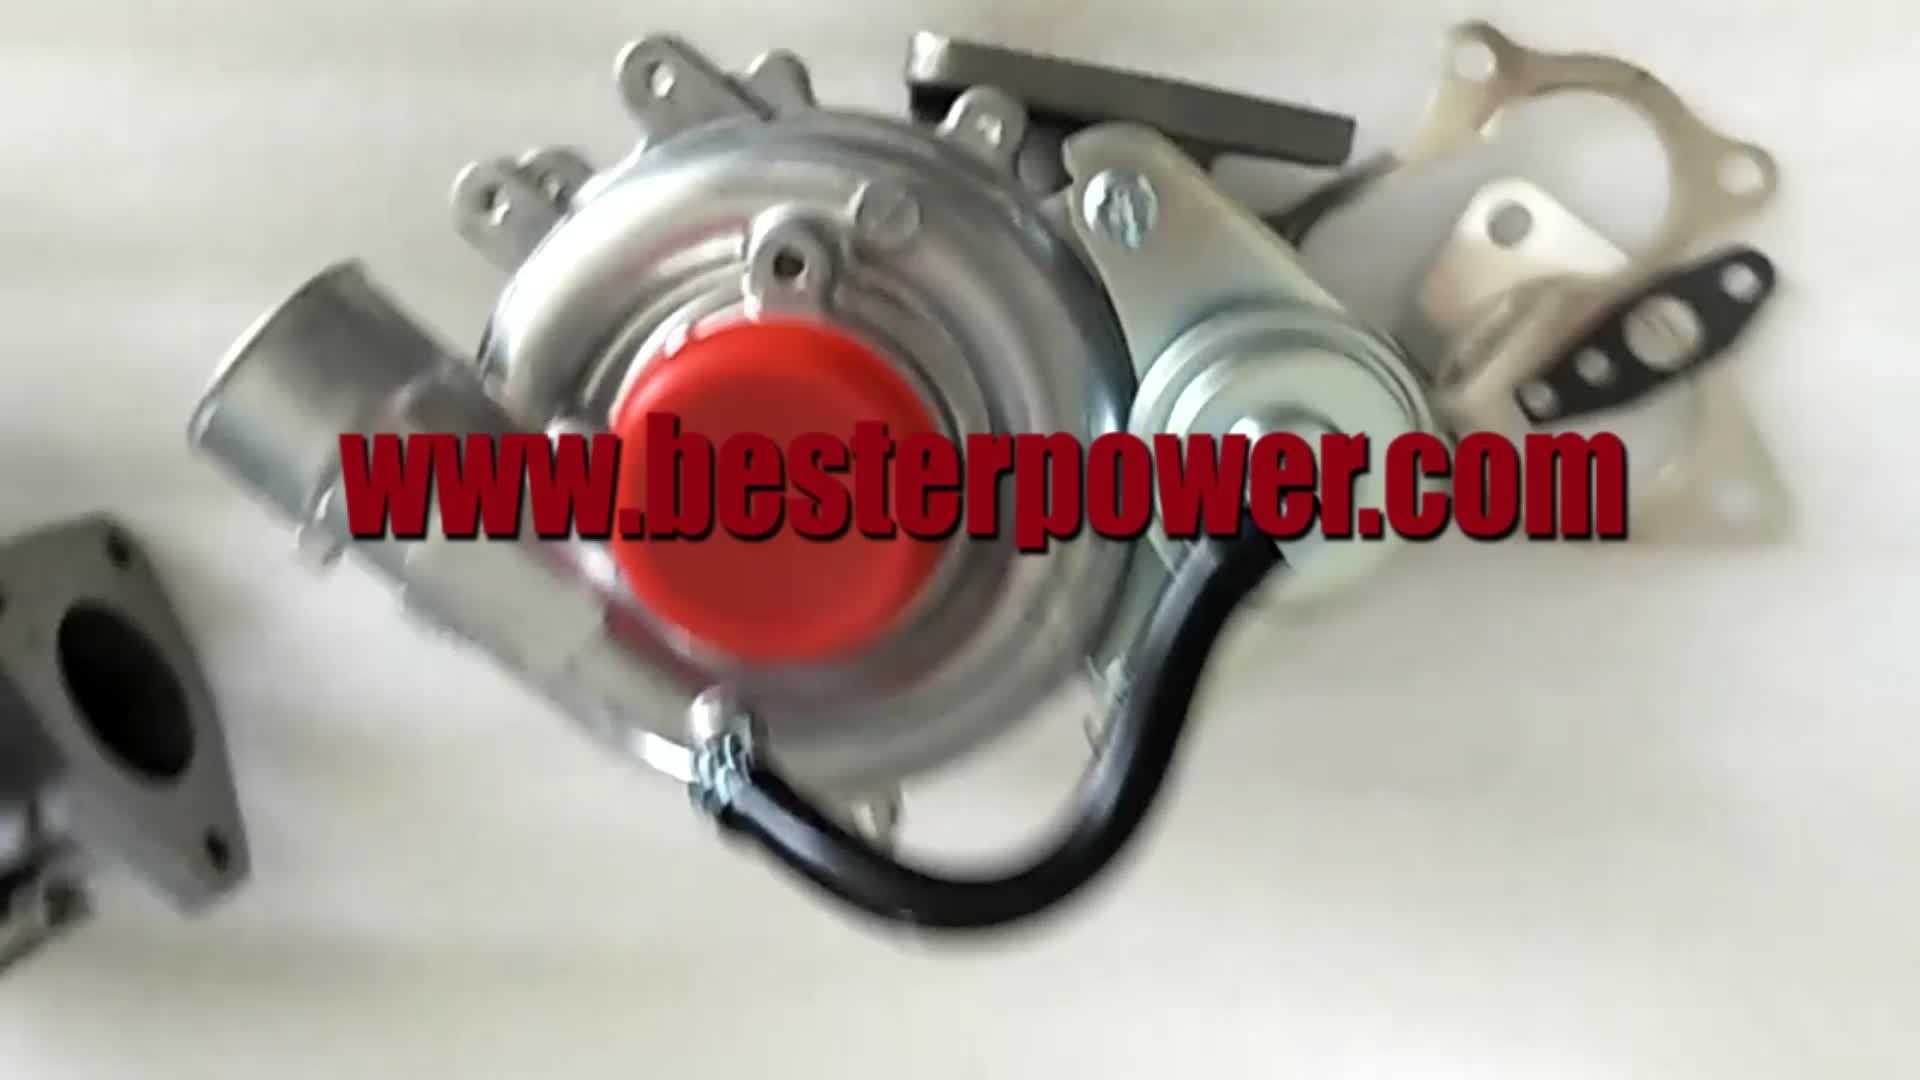 Turbocompressor 17201-30120 turbo para TOYOTA Hilux Hiace 2KD 2KD-FTV 2.5L D4D 4WD 2001-